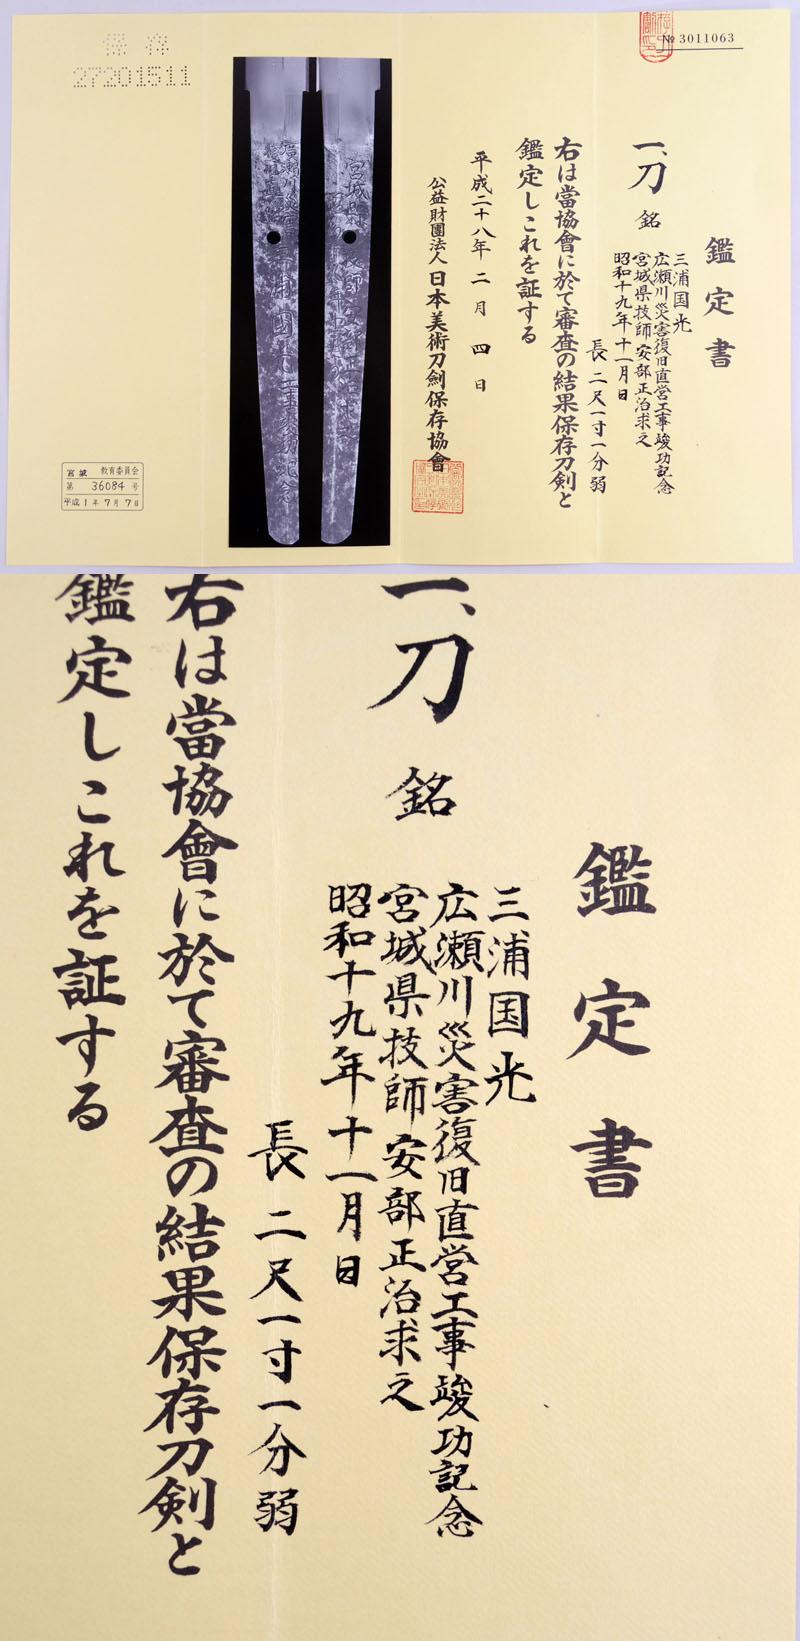 三浦国光 Picture of Certificate